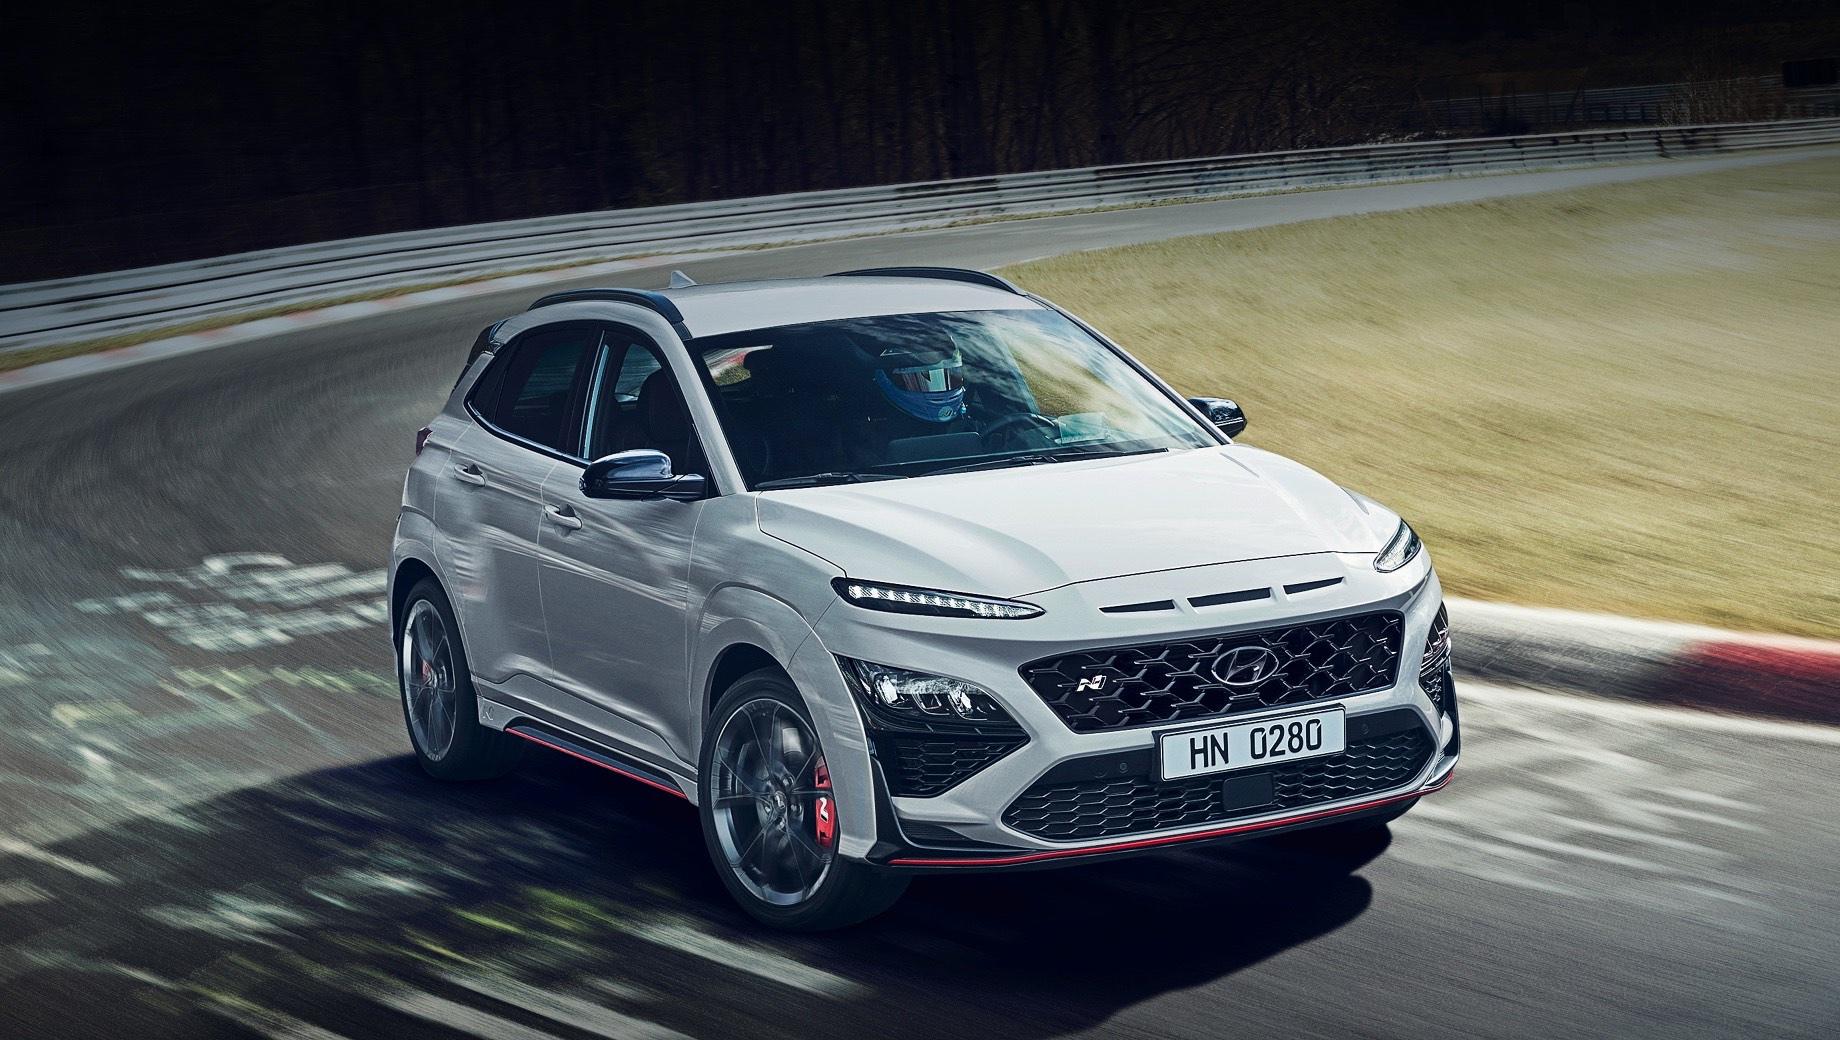 Hyundai kona n. Снаружи бросаются в глаза более агрессивные бамперы и рельефные накладки на порогах с красным декором, крупноячеистая решётка радиатора с шильдиком N и 19-дюймовые кованые колёса. Длина пятидверки не превышает 4215 мм, колёсная база — 2600, а снаряжённая масса — 1510 кг.